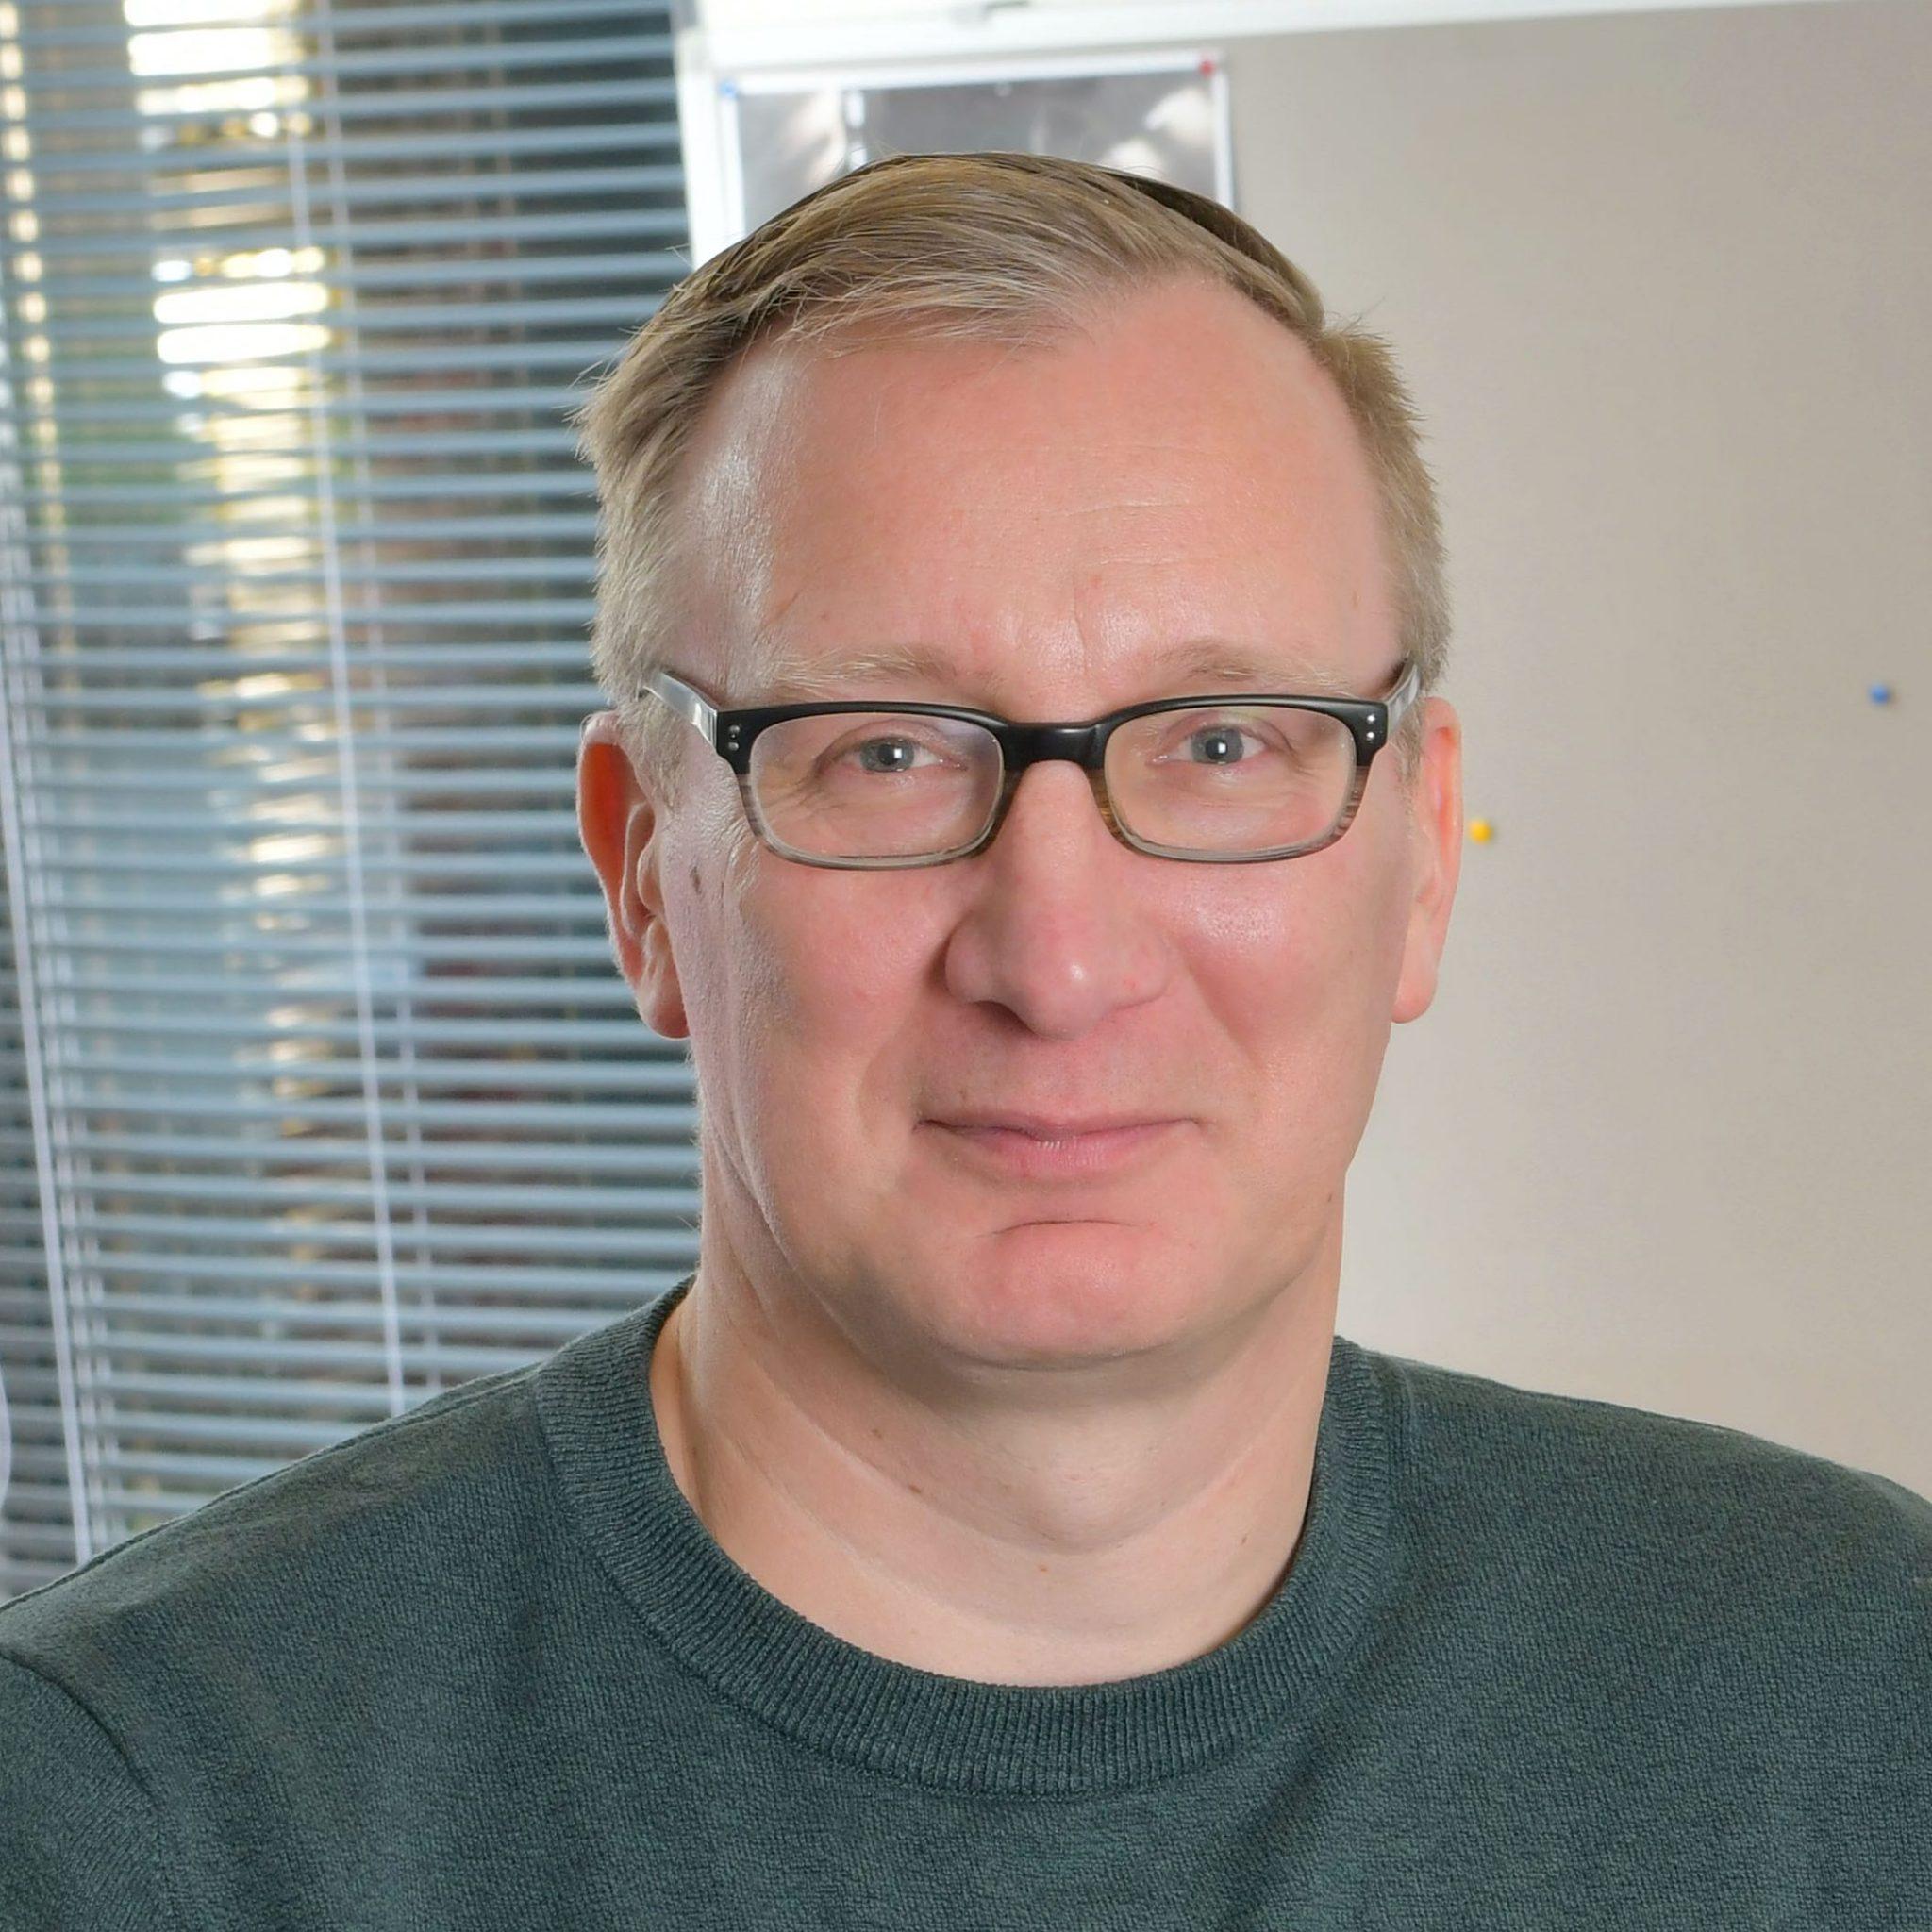 Erik Meijrink